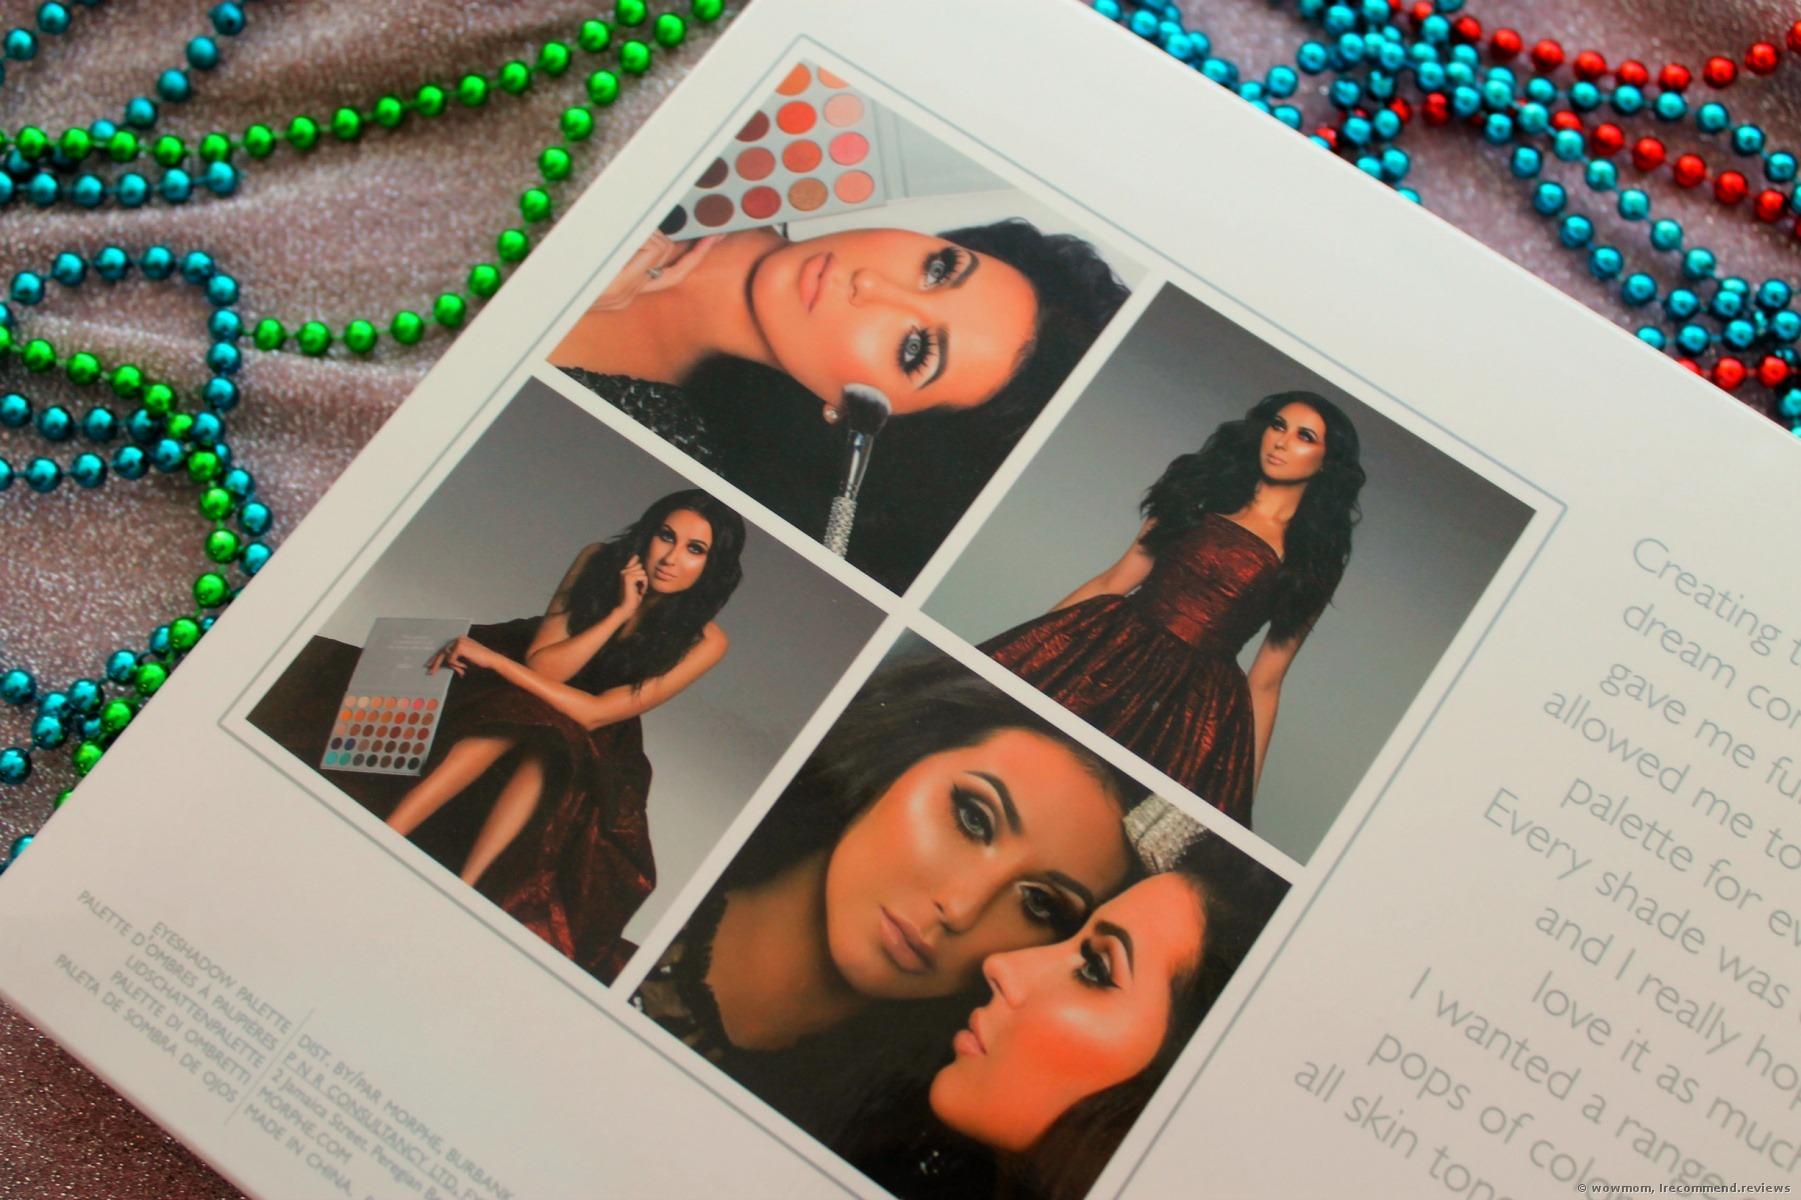 Morphe x Jaclyn Hill Eyeshadow Palette - «A huge palette in